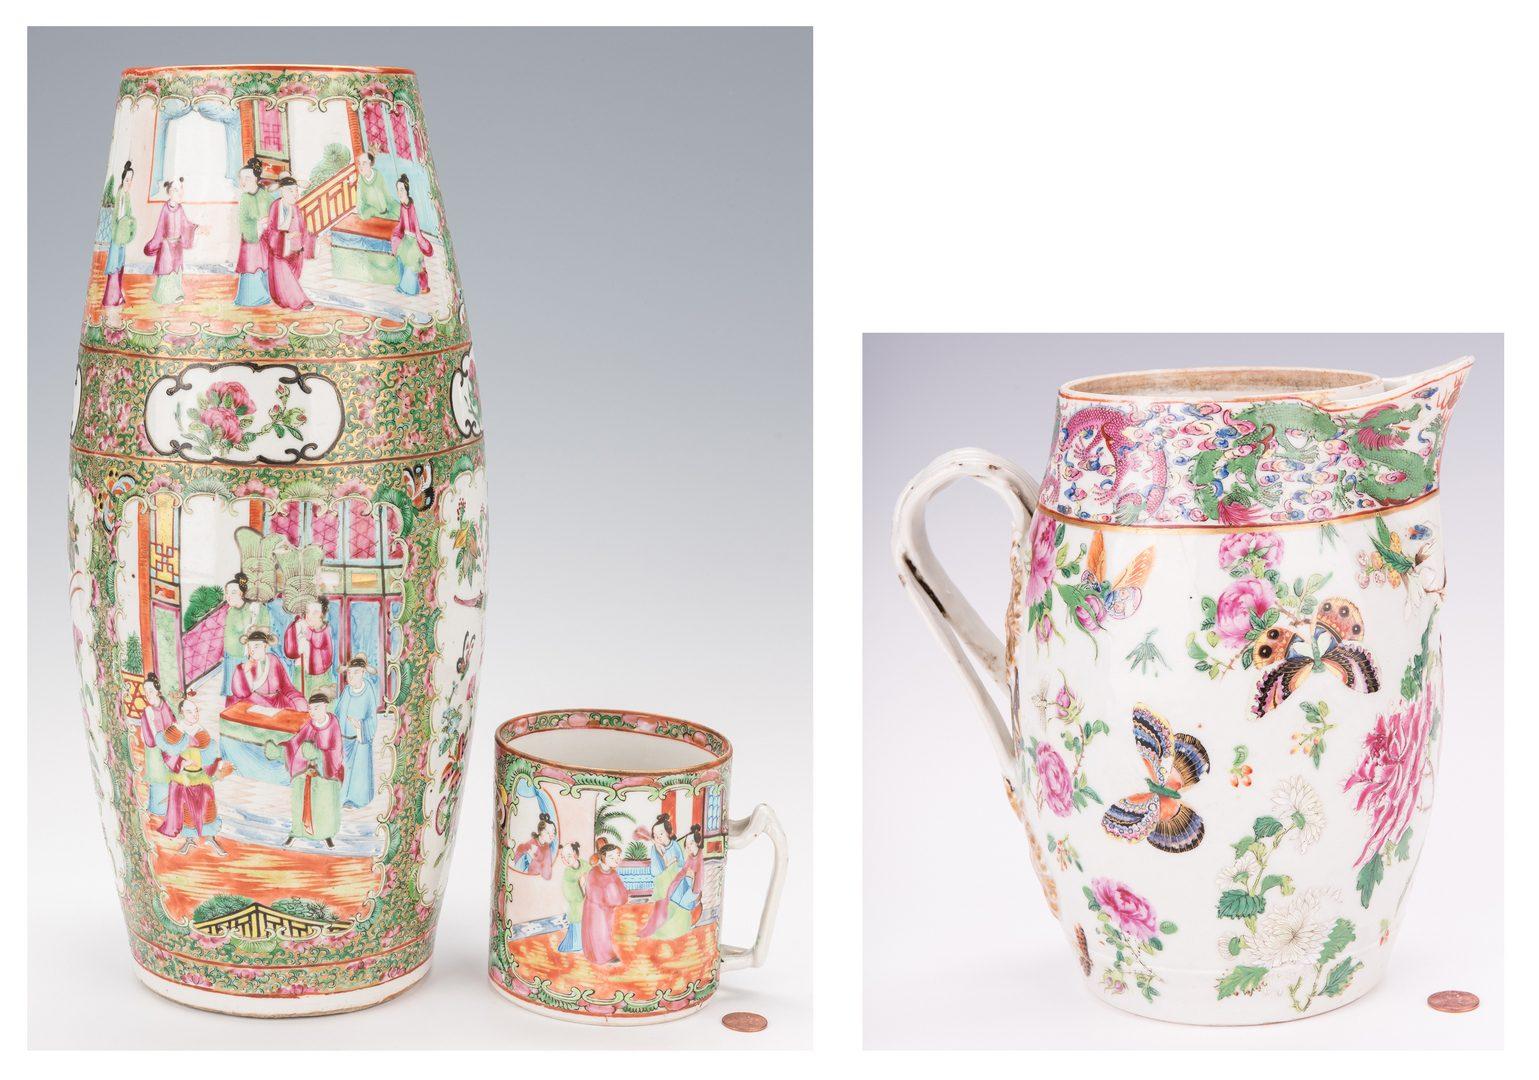 Lot 373: 3 Pcs Chinese Rose Medallion Porcelain: Conical Vase, Mug & Cider Jug